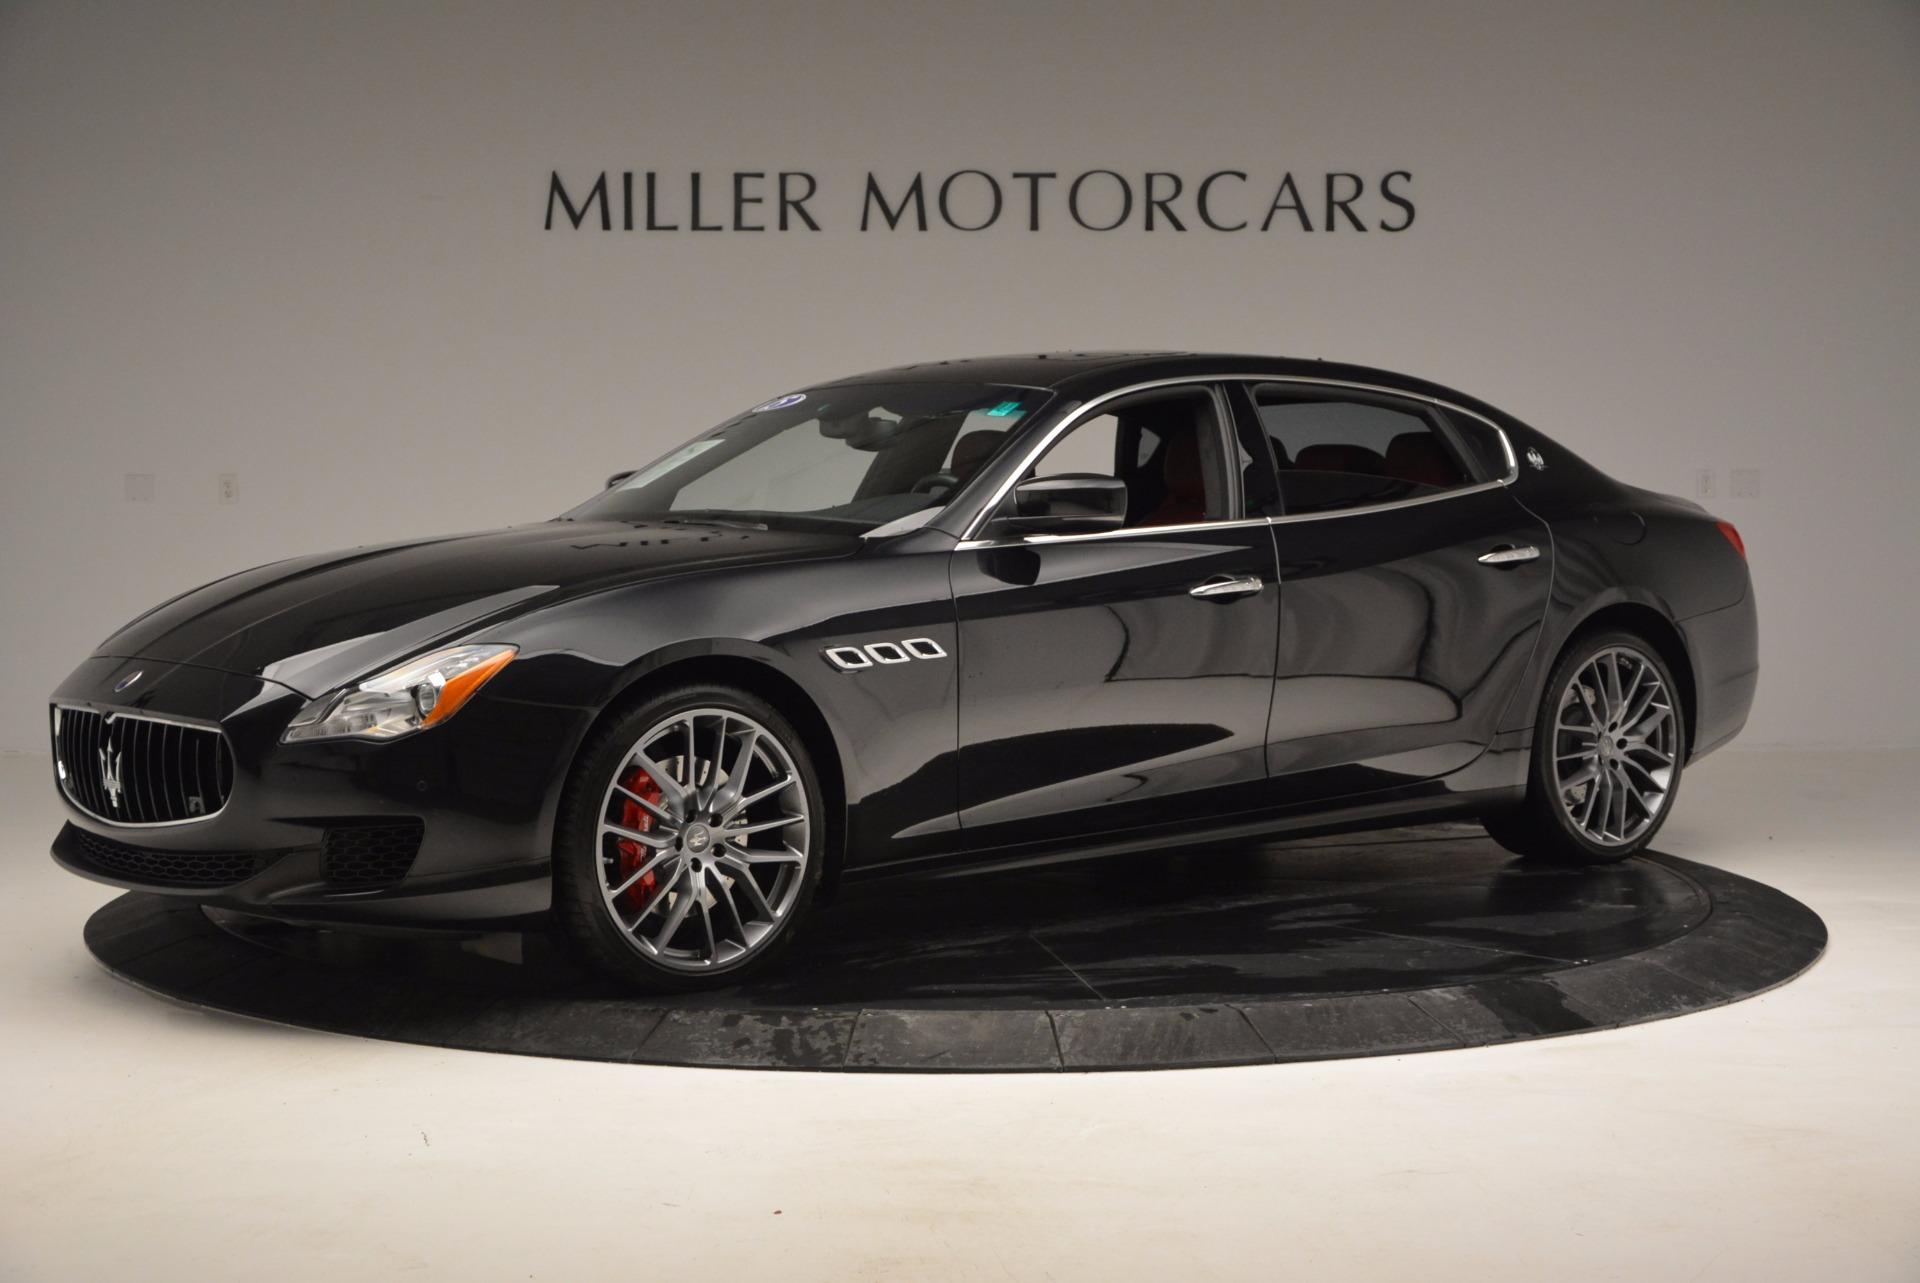 Used 2015 Maserati Quattroporte S Q4 For Sale In Greenwich, CT 809_p2